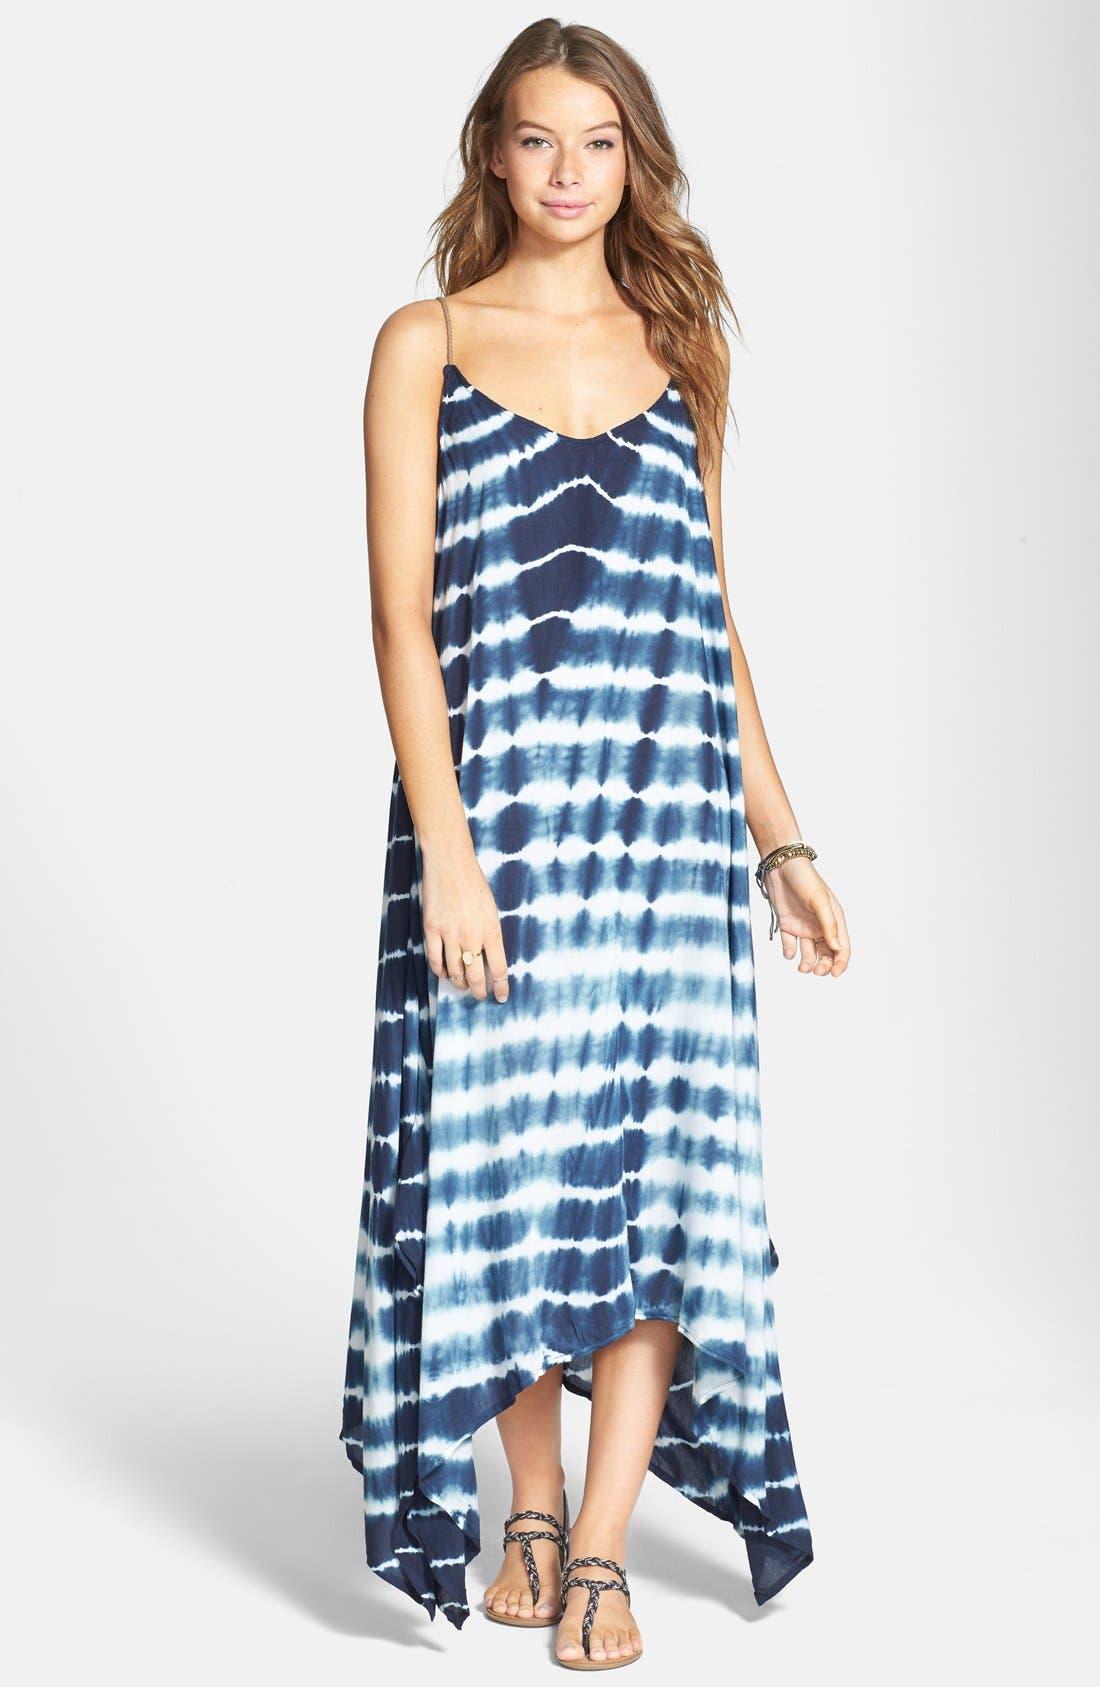 Main Image - Billabong 'Mystic Pearl' Tie Dye Handkerchief Maxi Dress (Juniors)